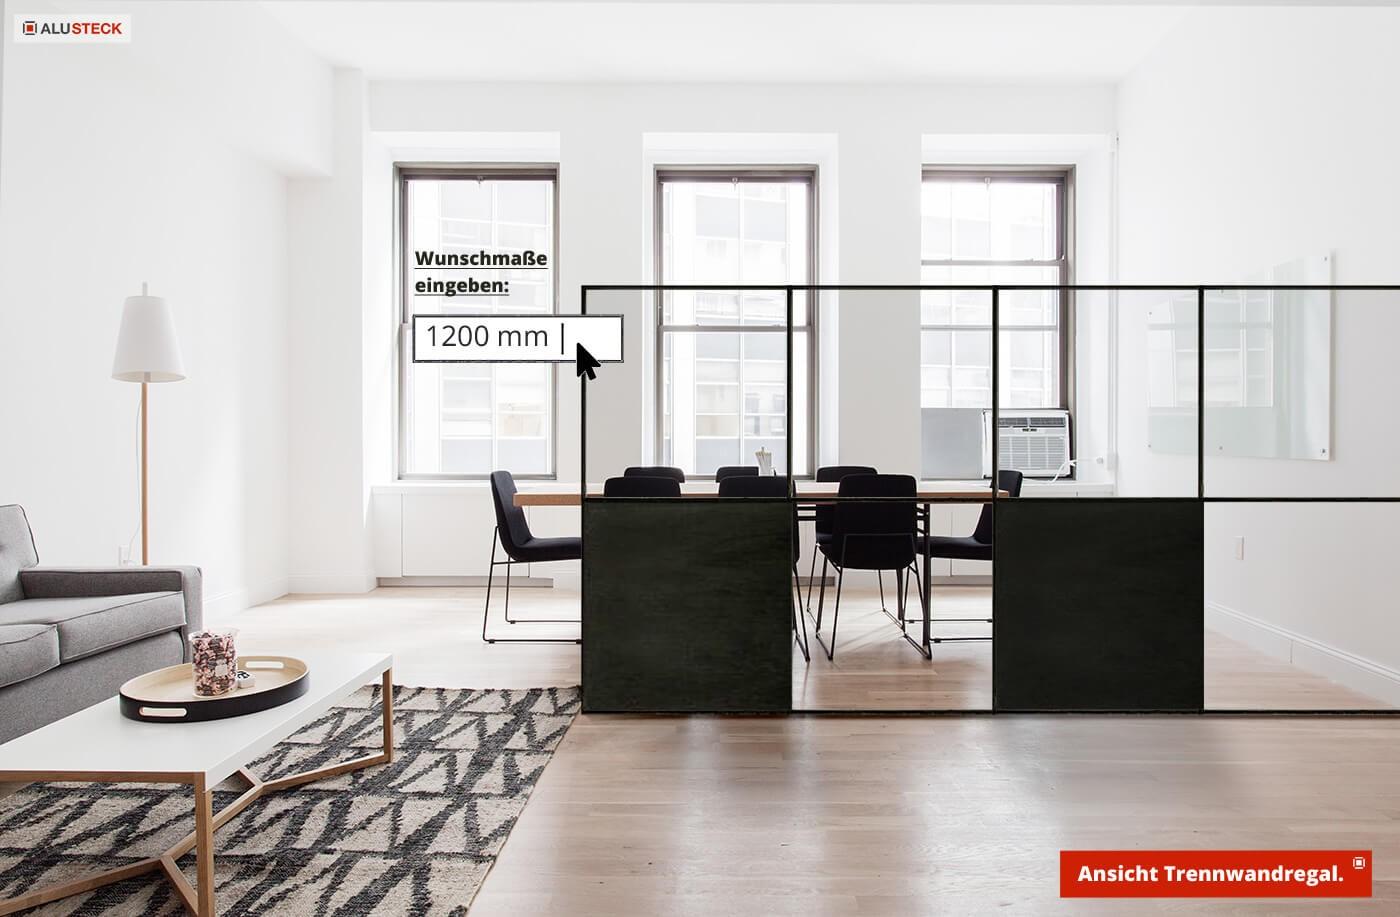 Raumteiler bauen - Wohnraum / Essbereich Konstruktion do-it-yourself für Heimwerker mit Alu Stecksystem auf Maß - Anleitung für Möbel